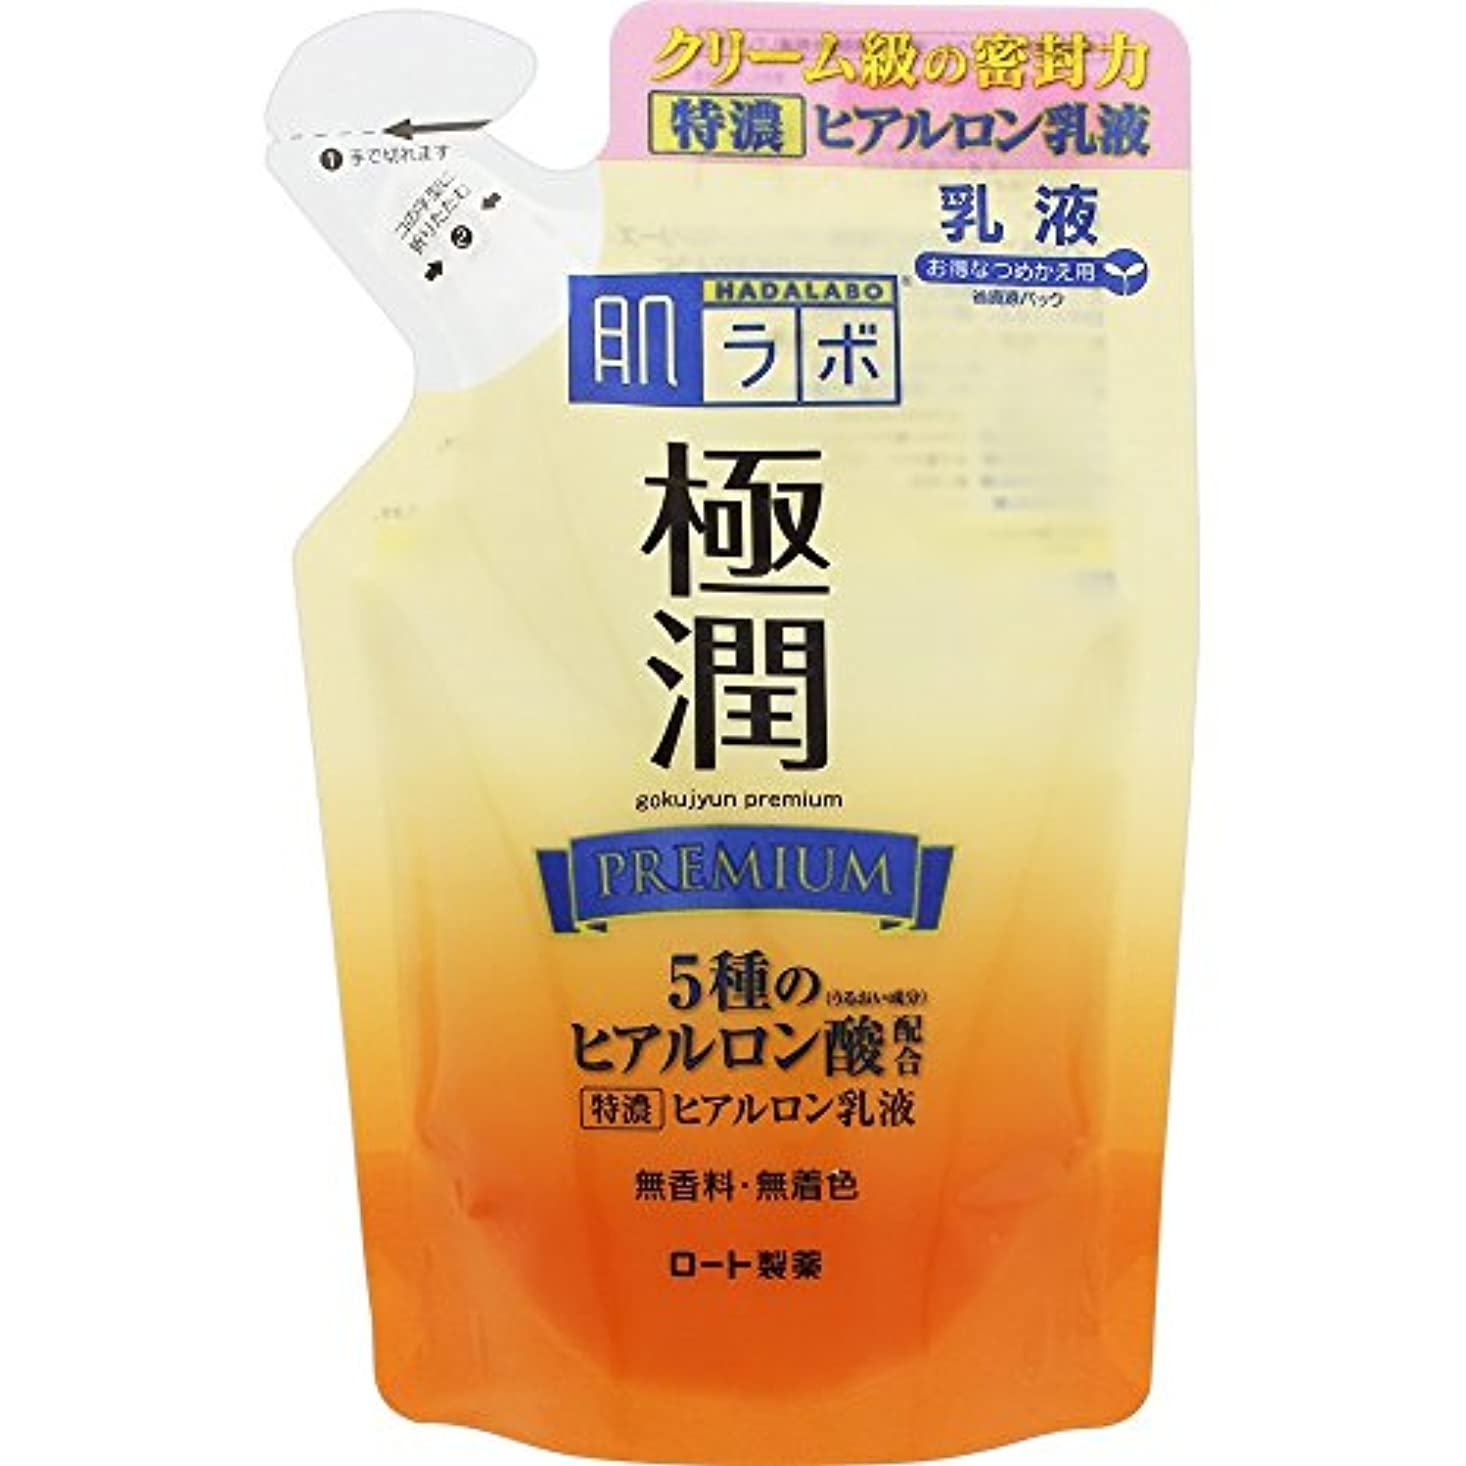 なめらか少年六肌ラボ 極潤プレミアム 特濃ヒアルロン乳液 ヒアルロン酸5種類×サクラン配合 詰替用 140ml